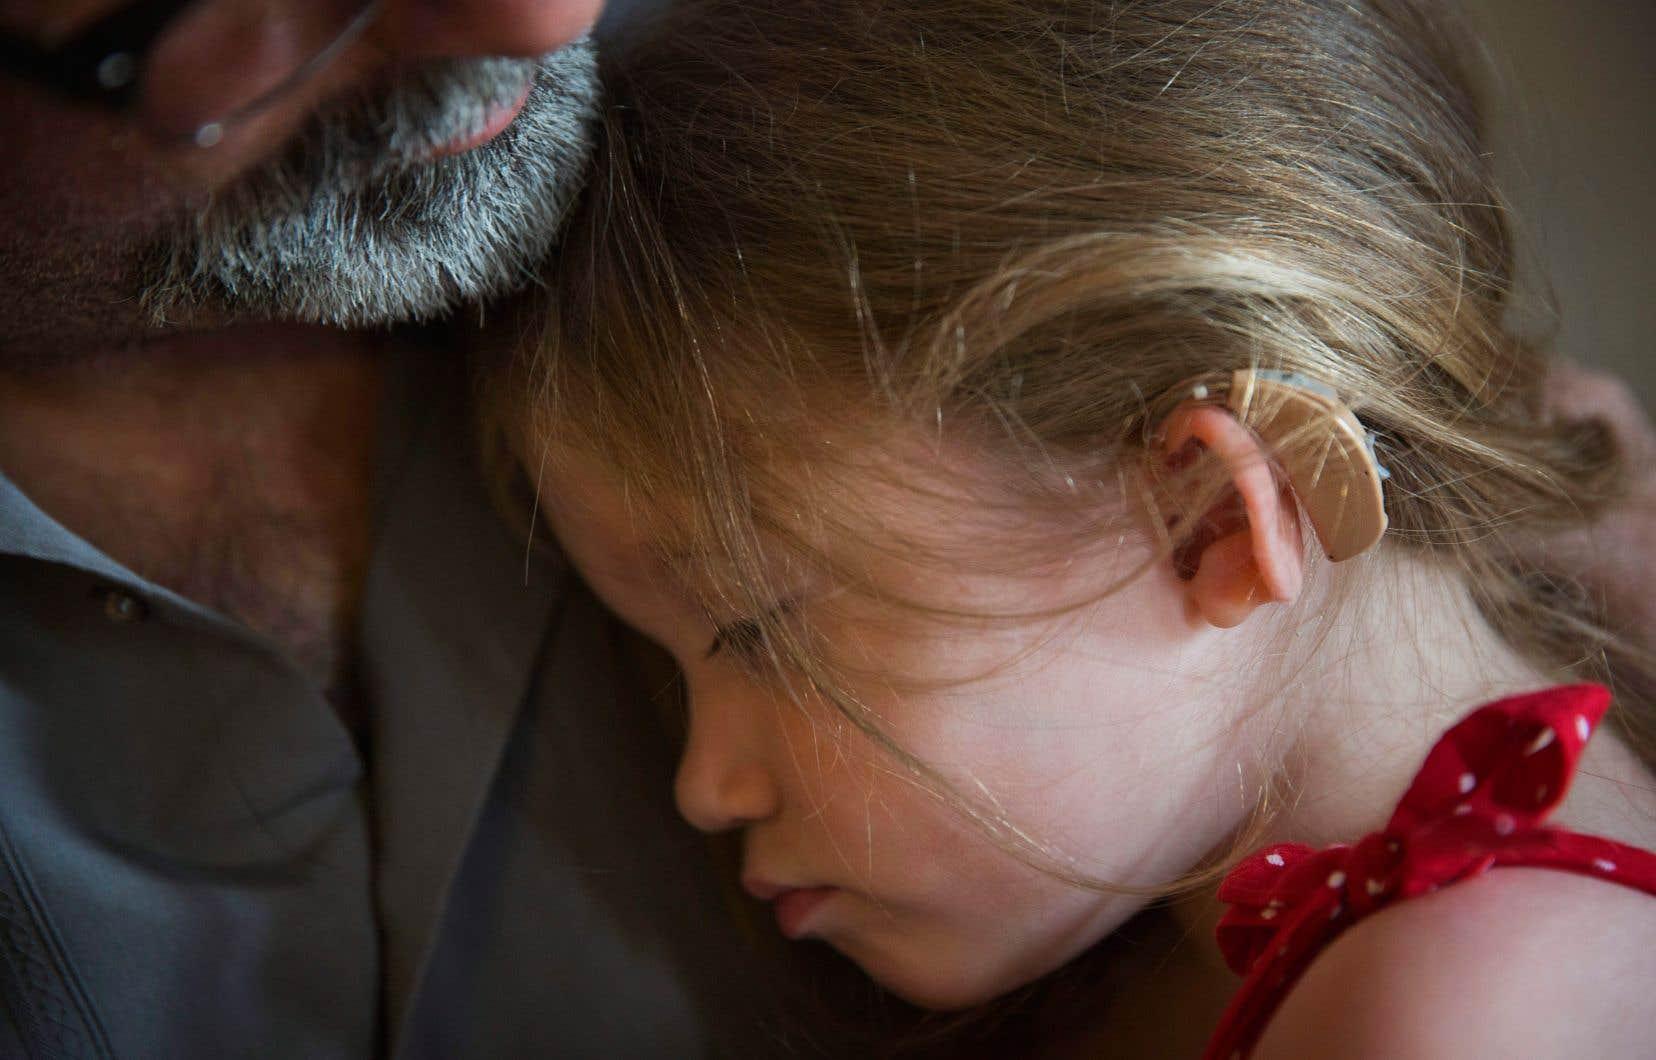 Une jeune fille sourde portant un appareil auditif, à Logansville, en Géorgie